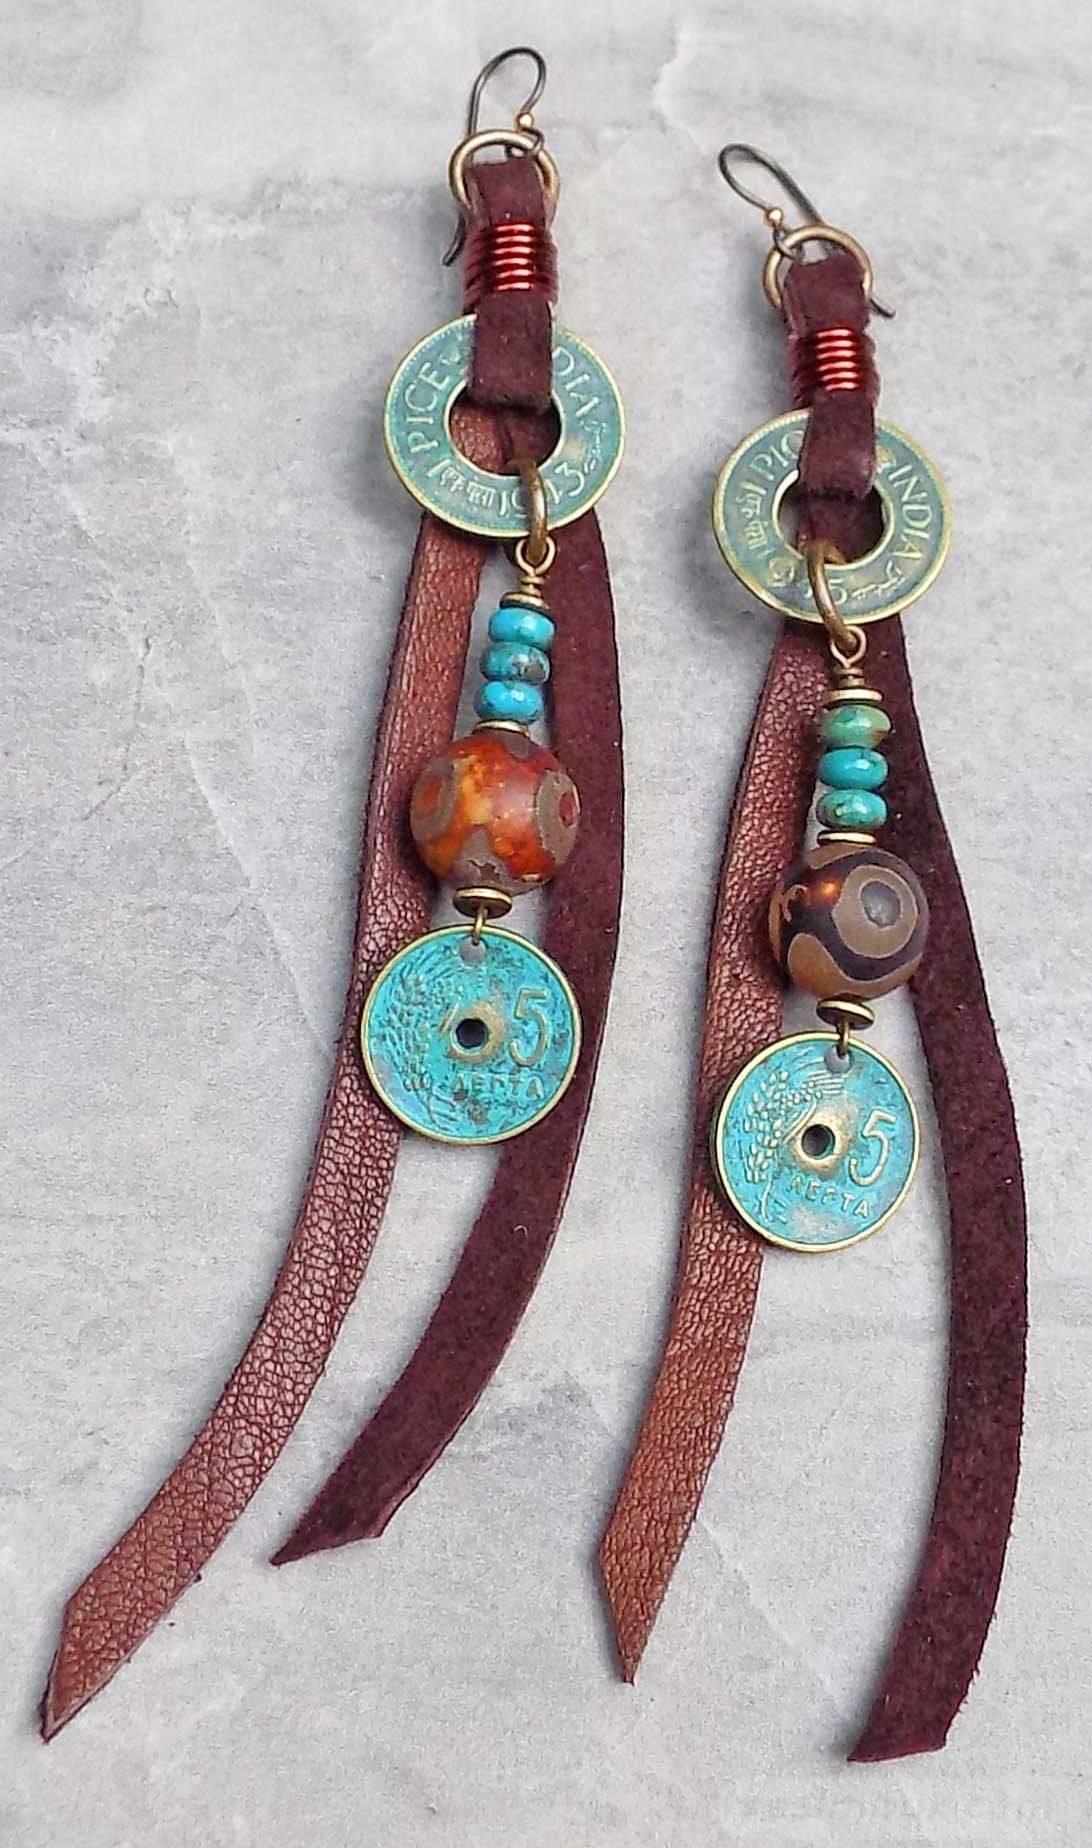 ideas diy jewelry-564216659566845459